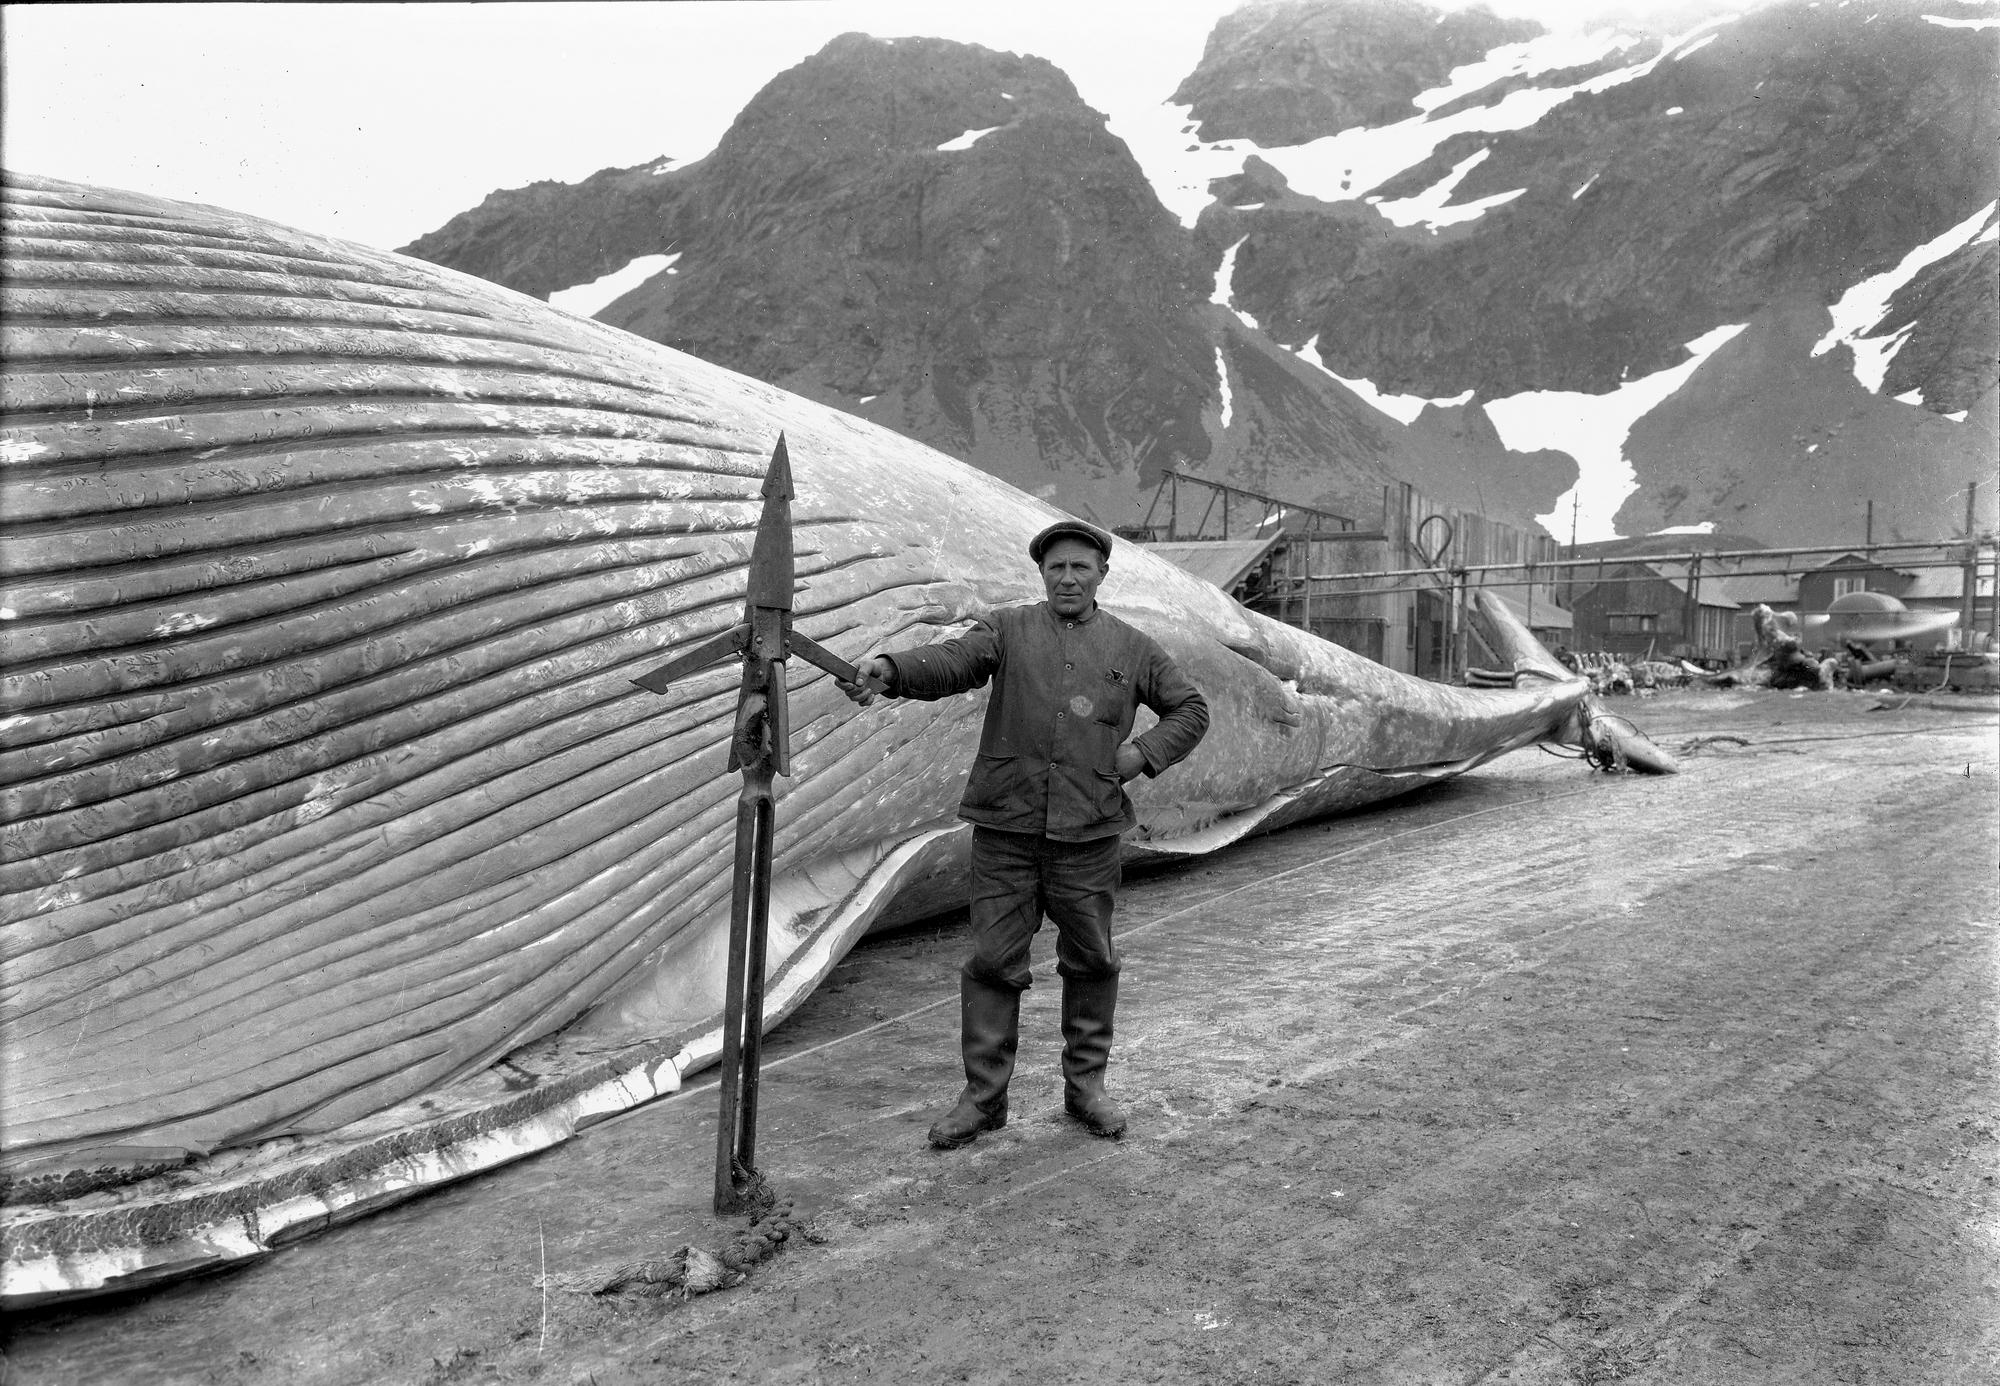 Bilde av arbeid med storfangst i Grytviken. Foto: Hvalfangstmuseets fotoarkiv